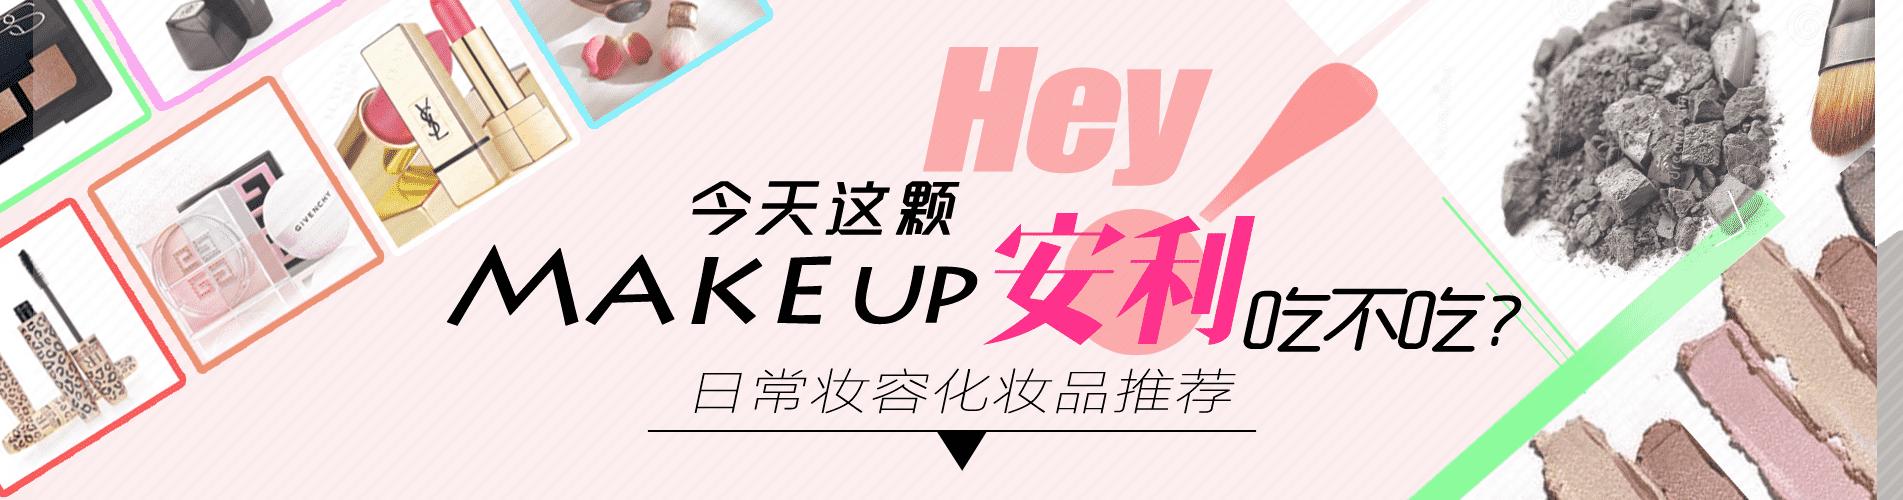 日常妆容需要什么化妆品 必备化妆品产品推荐